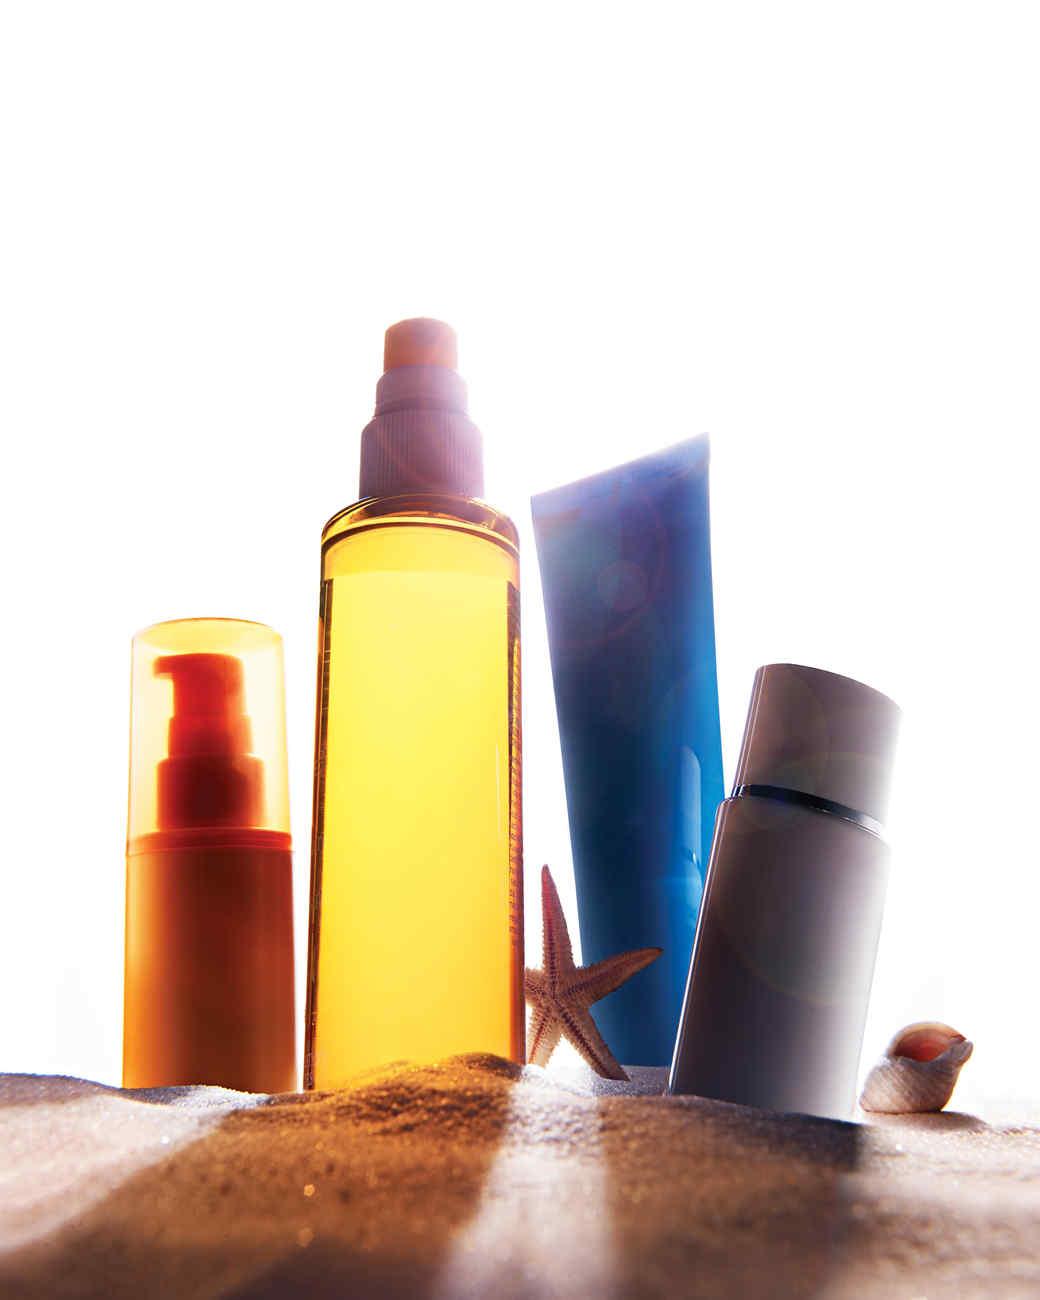 sunscreen-610-d113015.jpg